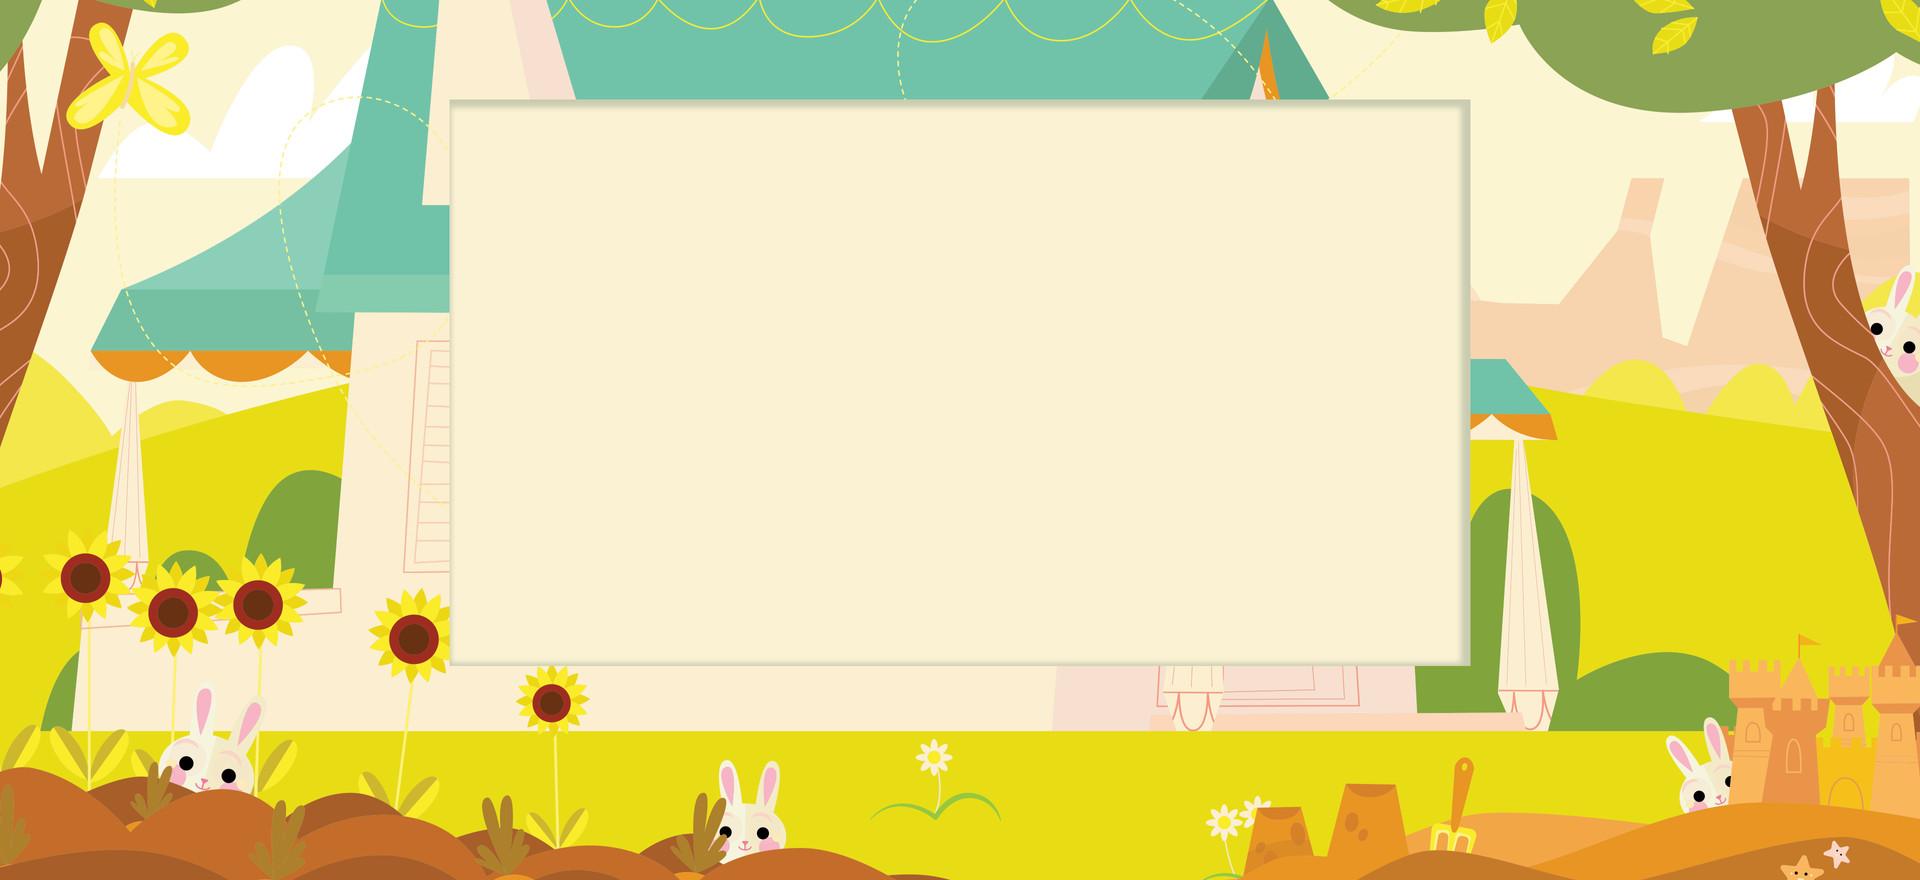 ABHK Minispace Screen Wrap